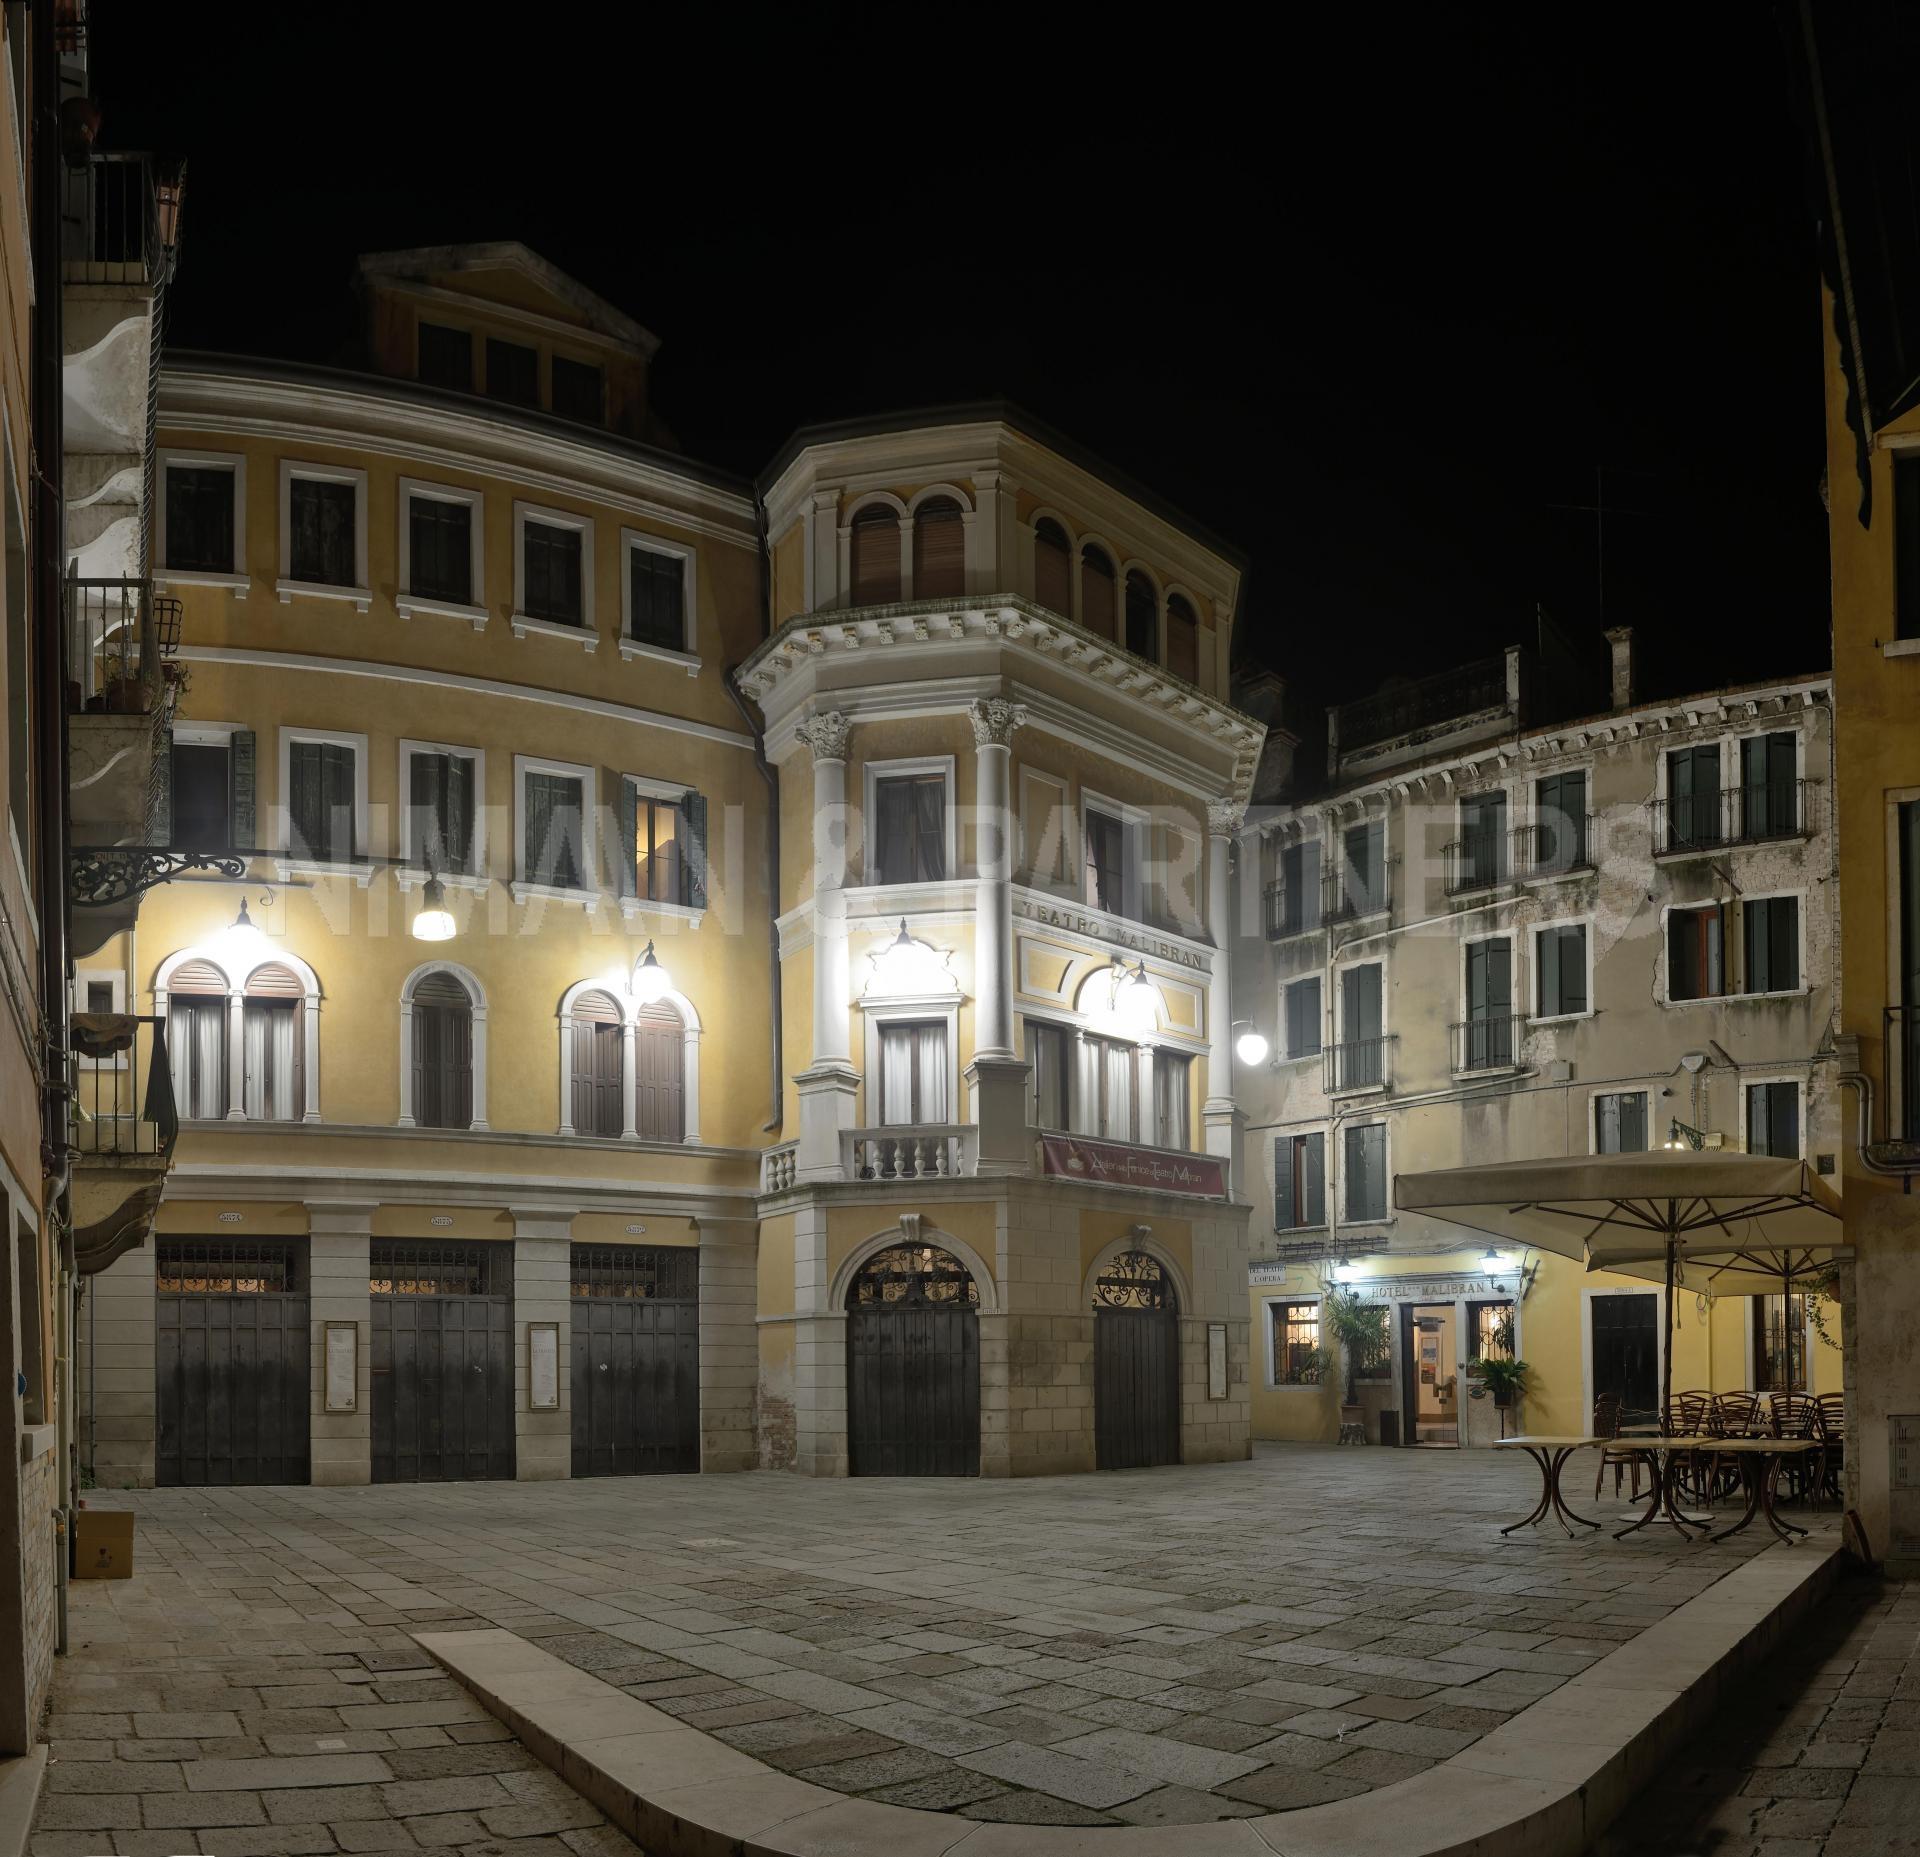 Appartamento in vendita a Venezia, 6 locali, zona Zona: 3 . Cannaregio, prezzo € 660.000 | Cambio Casa.it